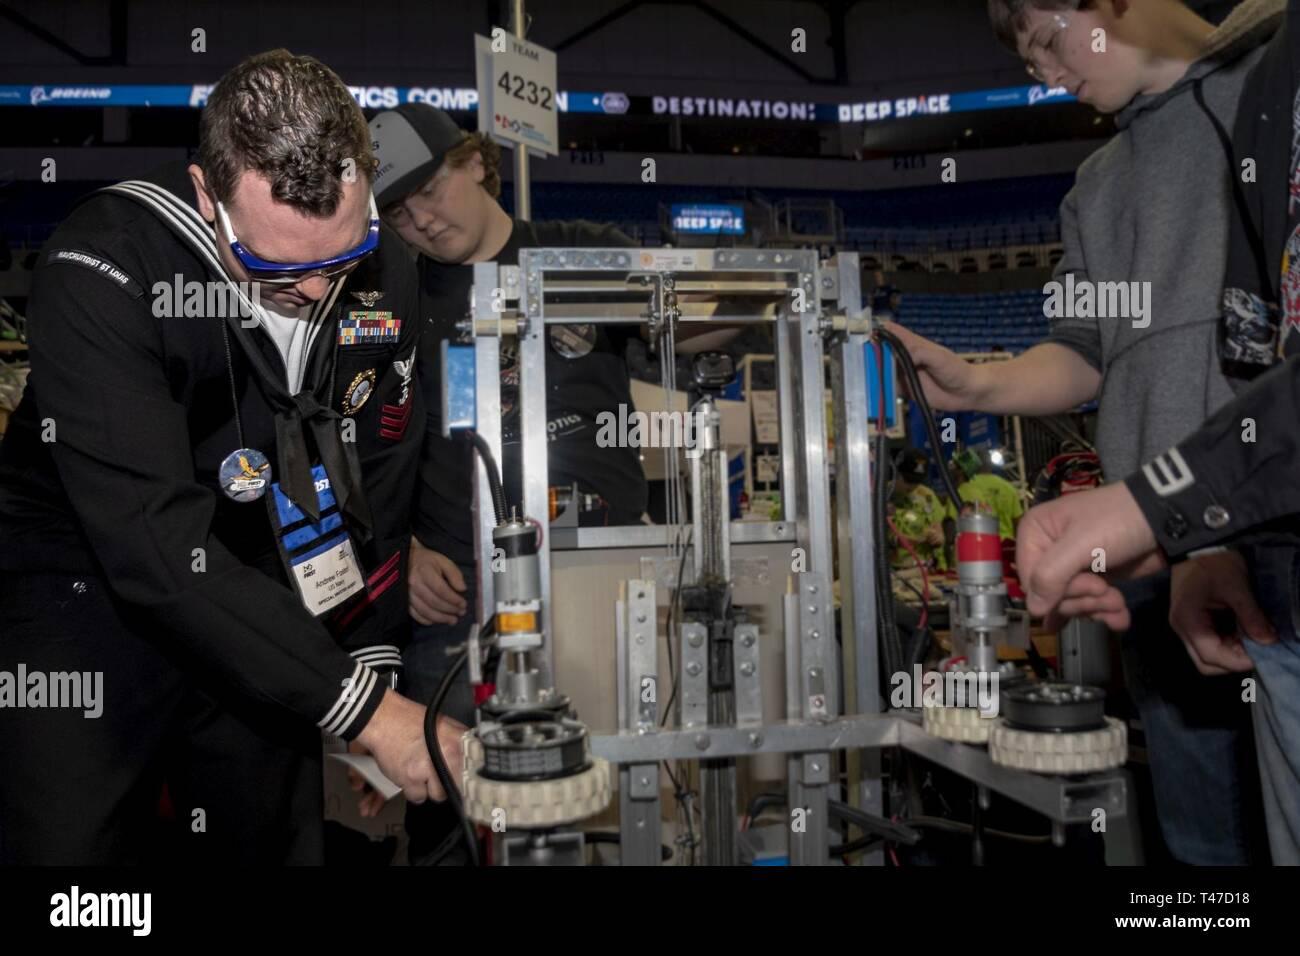 LOUIS (15. März 2019) Navy Ratgeber 1. Klasse Andrew Foster, Marine-Einziehende Bezirk (NRD) St. Louis zugeordnet, Orte a US Navy Aufkleber Alton High School, Illinois, Roboter während der für Inspiration und Anerkennung von Wissenschaft und Technologie (ersten) Robotik St. Louis regionale Konkurrenz, 15. März 2019. Erste Robotik ist eine internationale High School Robotik Wettbewerb jedes Jahr veranstaltet, in denen die Teams von Schülern, Trainer und Mentoren bauen Spiel Roboter, die Aufgaben wie Scoring Kugeln in Ziele, fliegende Scheiben in Ziele, innere Rohre auf Racks, hängen an Stockfoto